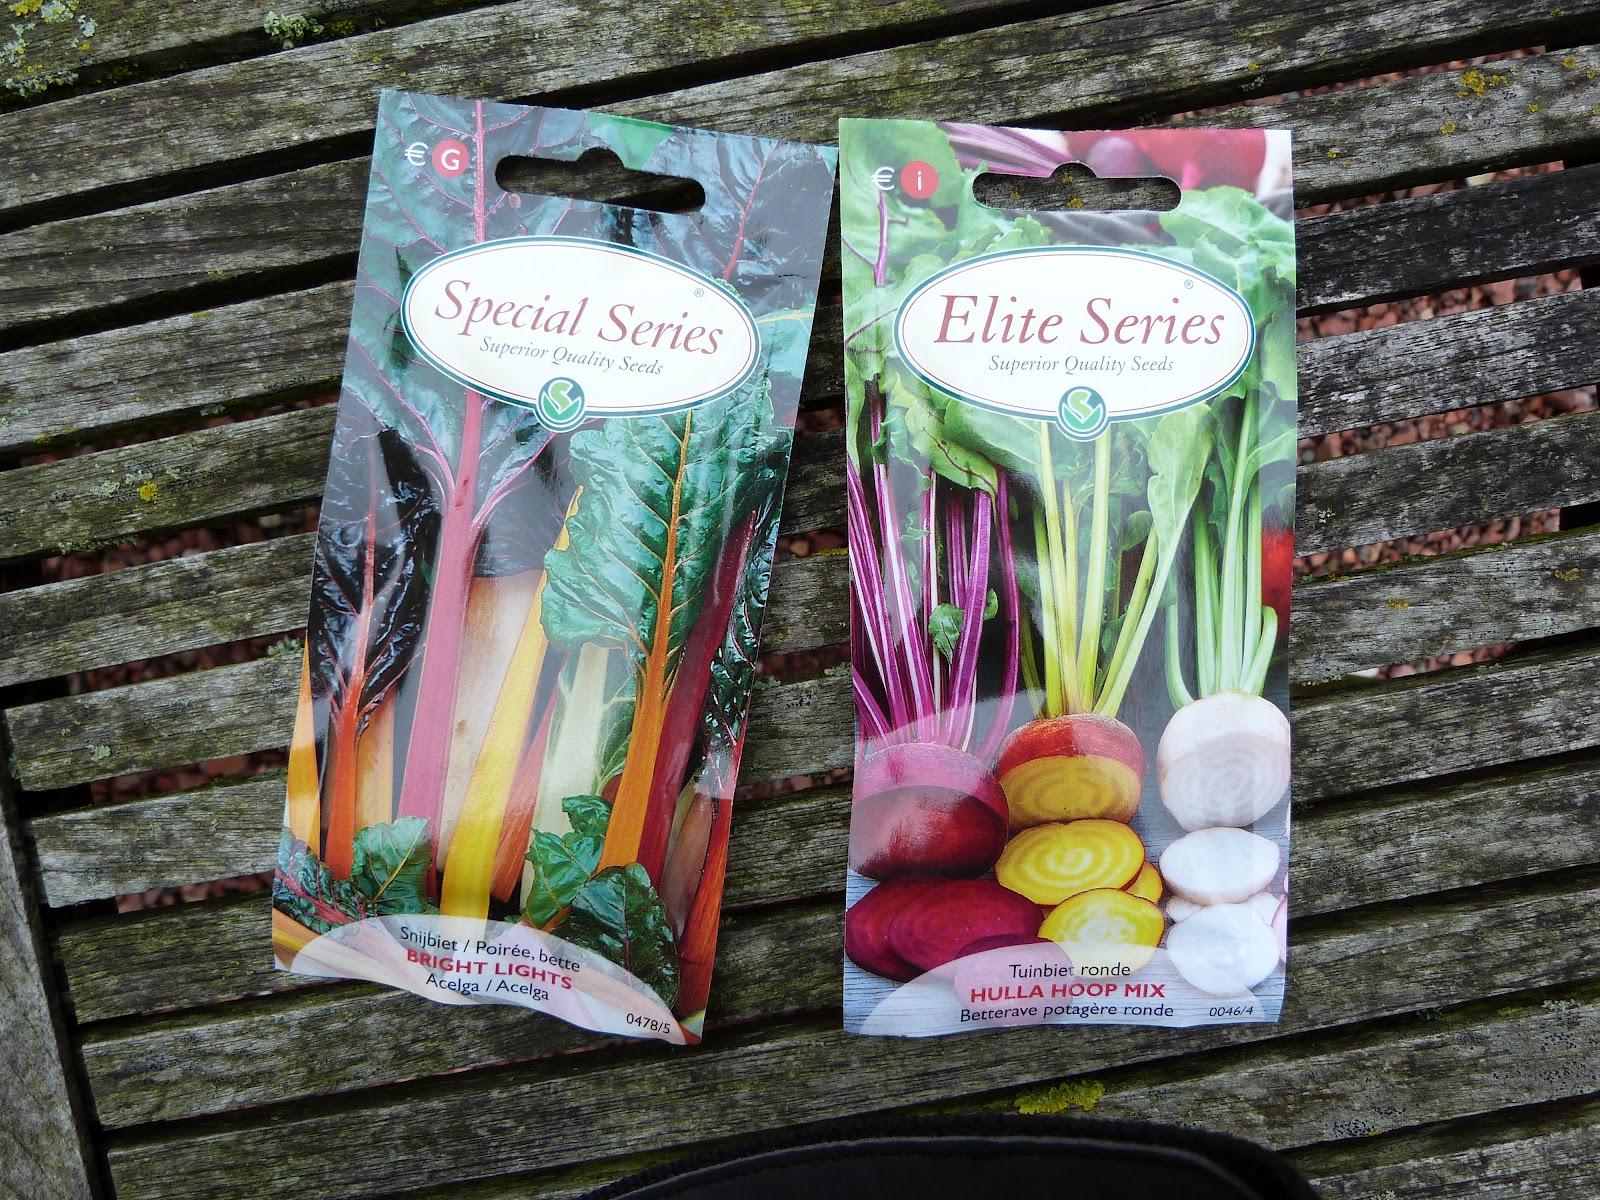 On verra au jardin de la couleur au potager - Bettes au jardin ...